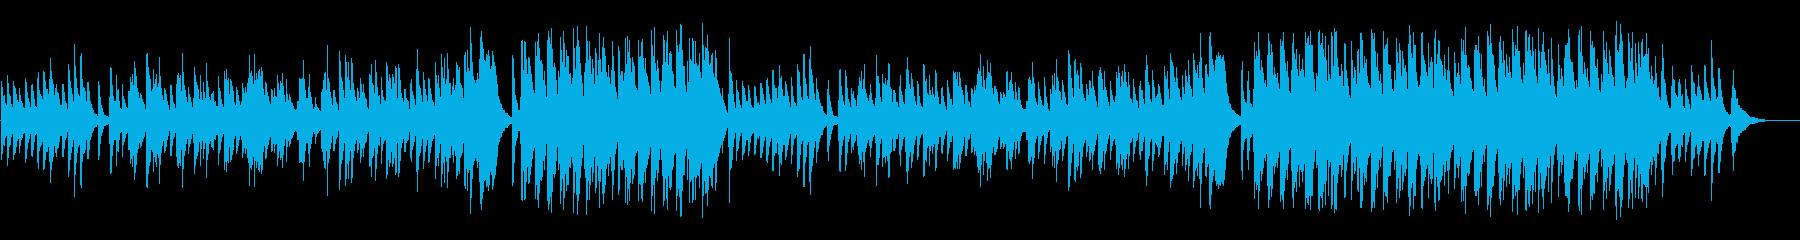 二人の時が静かに流れるアダルト風バラードの再生済みの波形